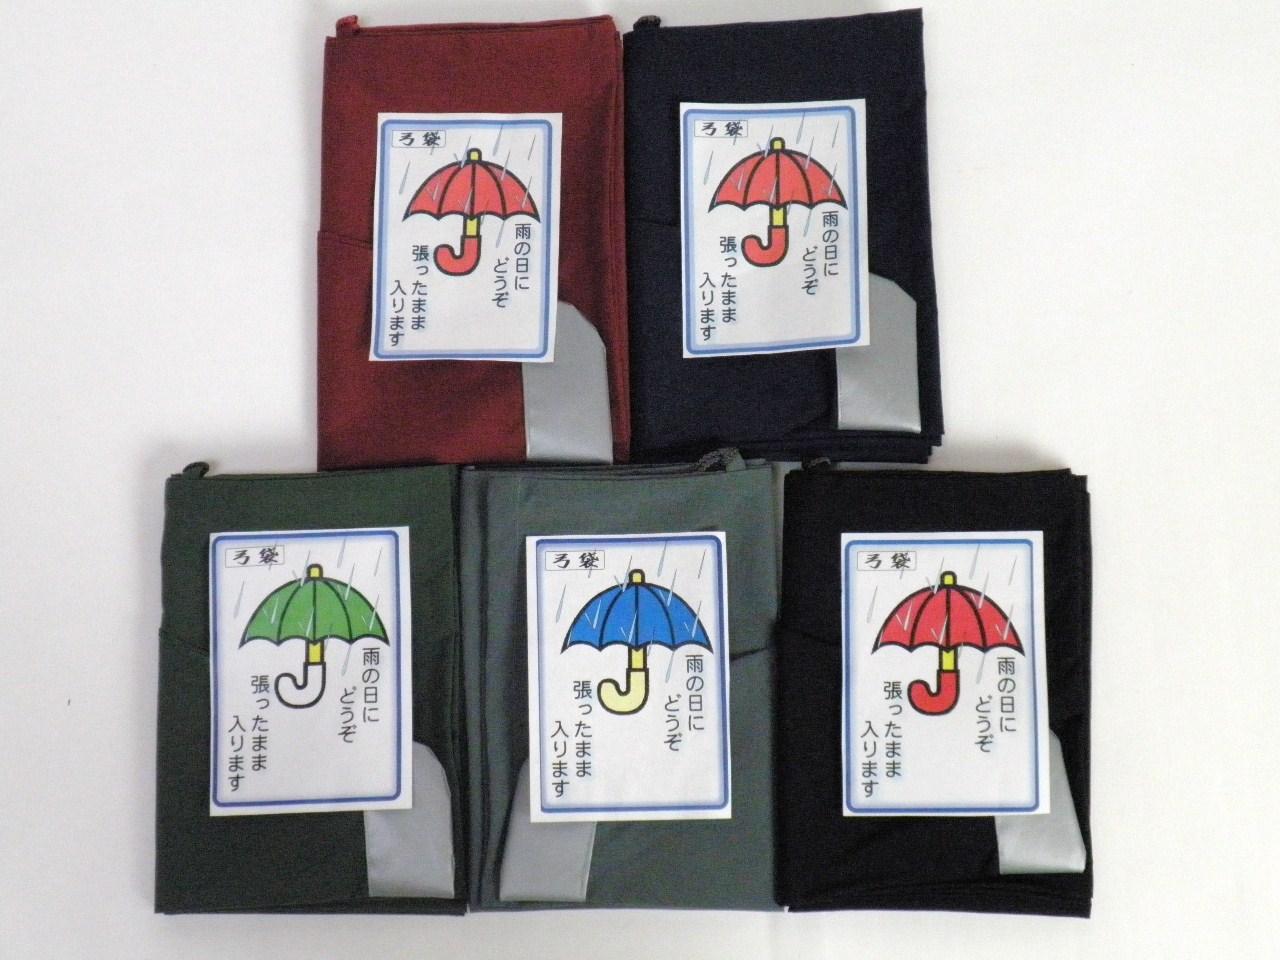 雨天用弓袋